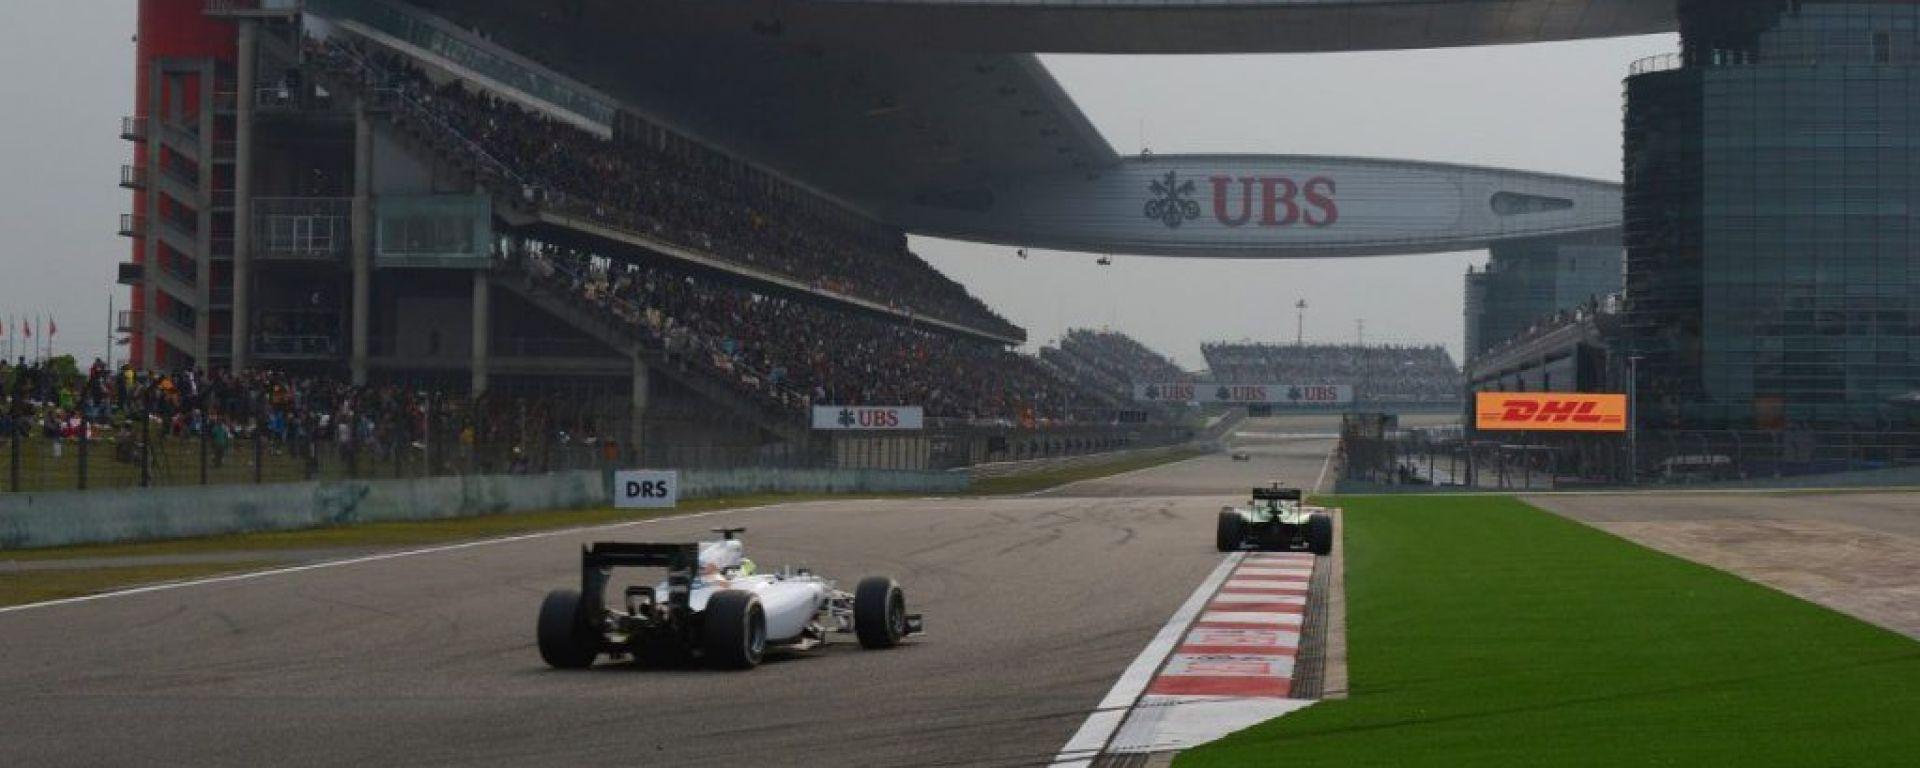 F1 2016 - Gran Premio della Cina - Info e Risultati